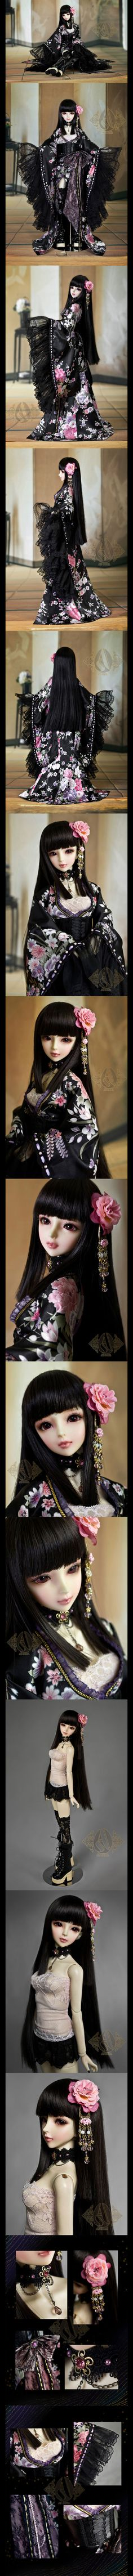 ドール服 SDサイズ人形用 女用着物紫桜 CL1011190_SDサイズ人形用_SDサイズ人形用_人形衣装_球体関節人形、BJD、ドール服、人形ウィッグ、Wig、着せ替え人形、ドール靴、ボディなどを販売するの総合人形通販店